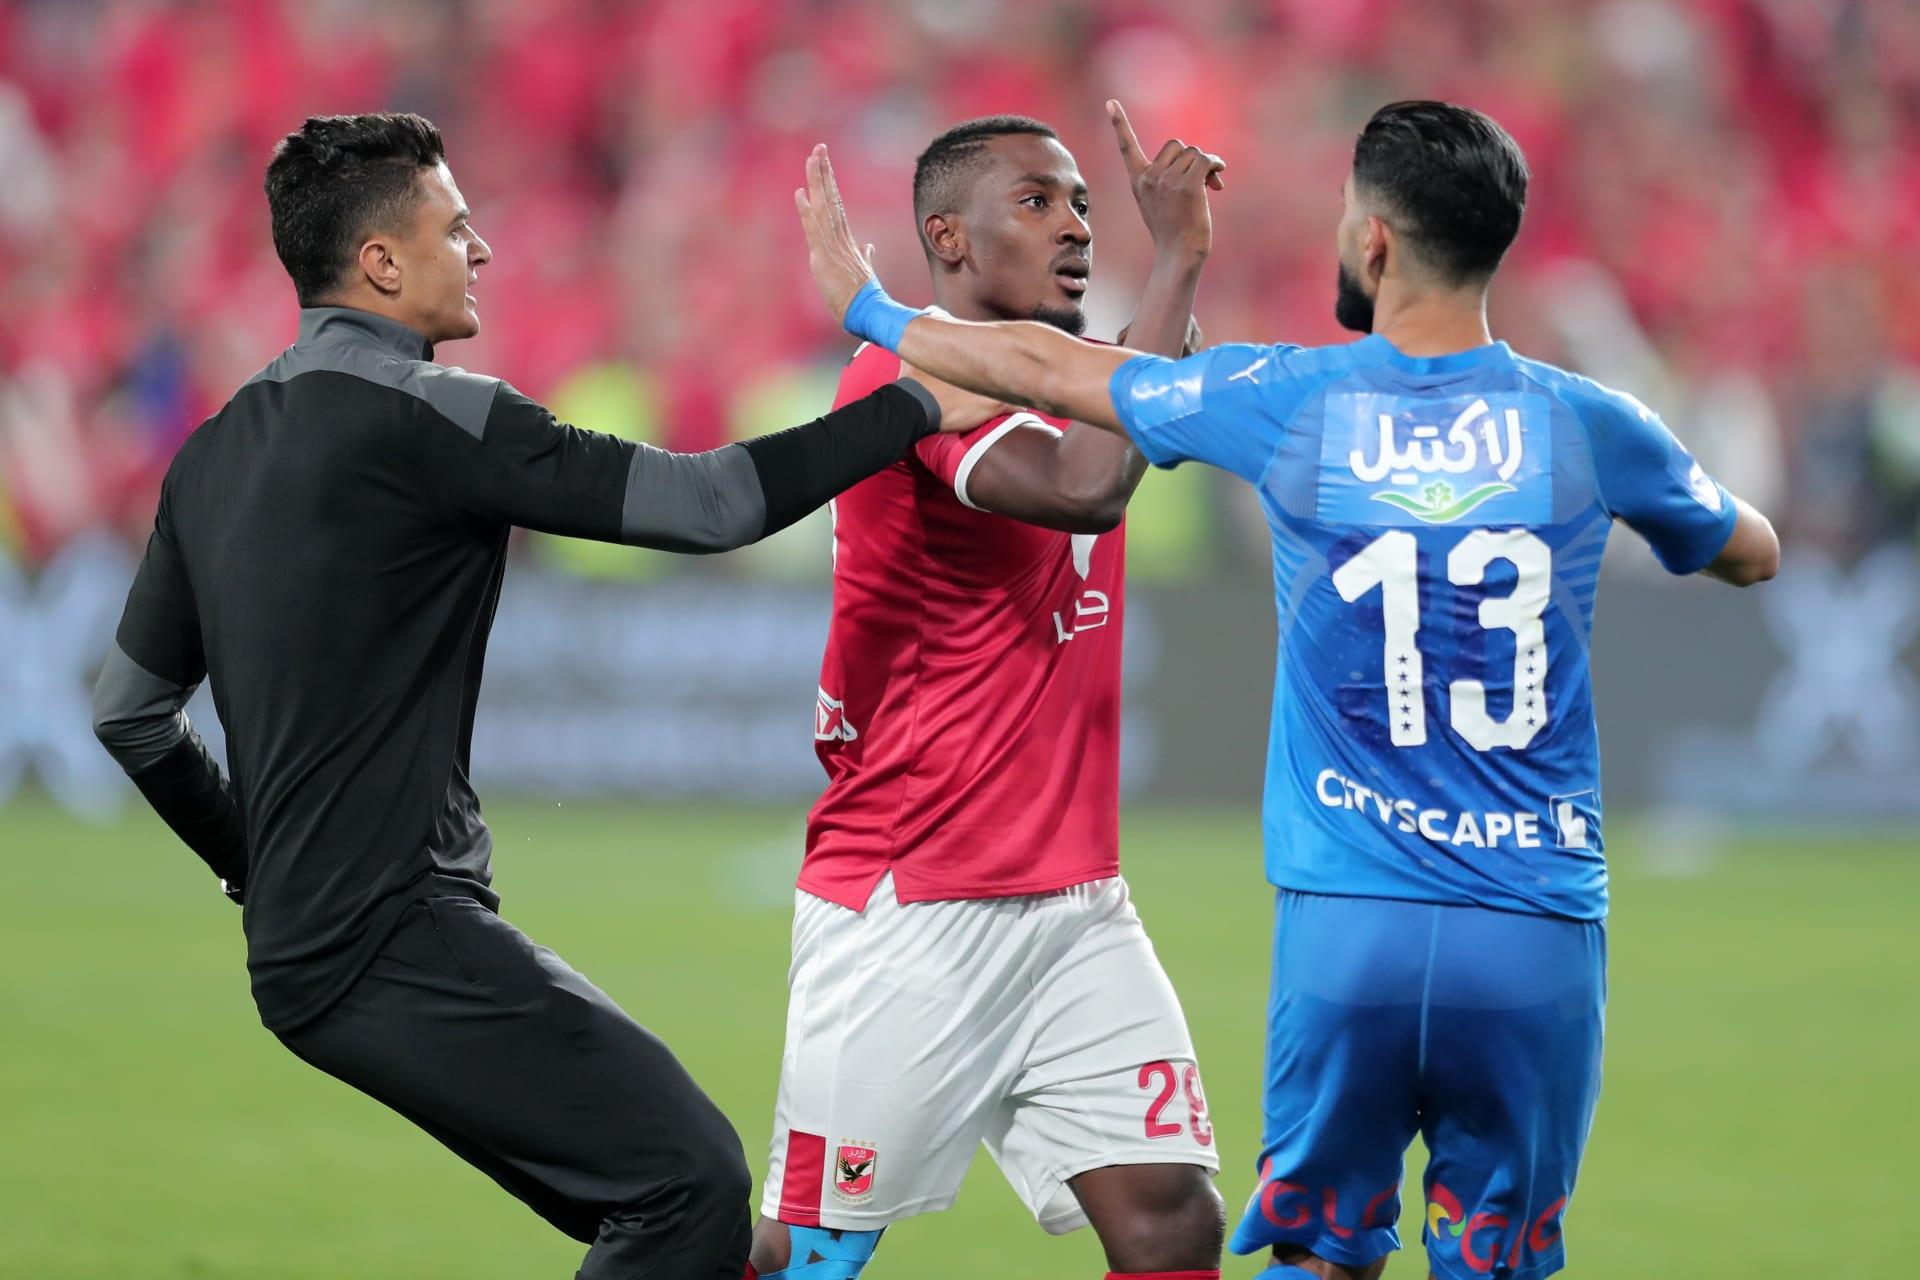 يعقوب السعدي يرد على بيان الاتحاد المصري: لم نقدم لقطات من مباراة الأهلي والزمالك